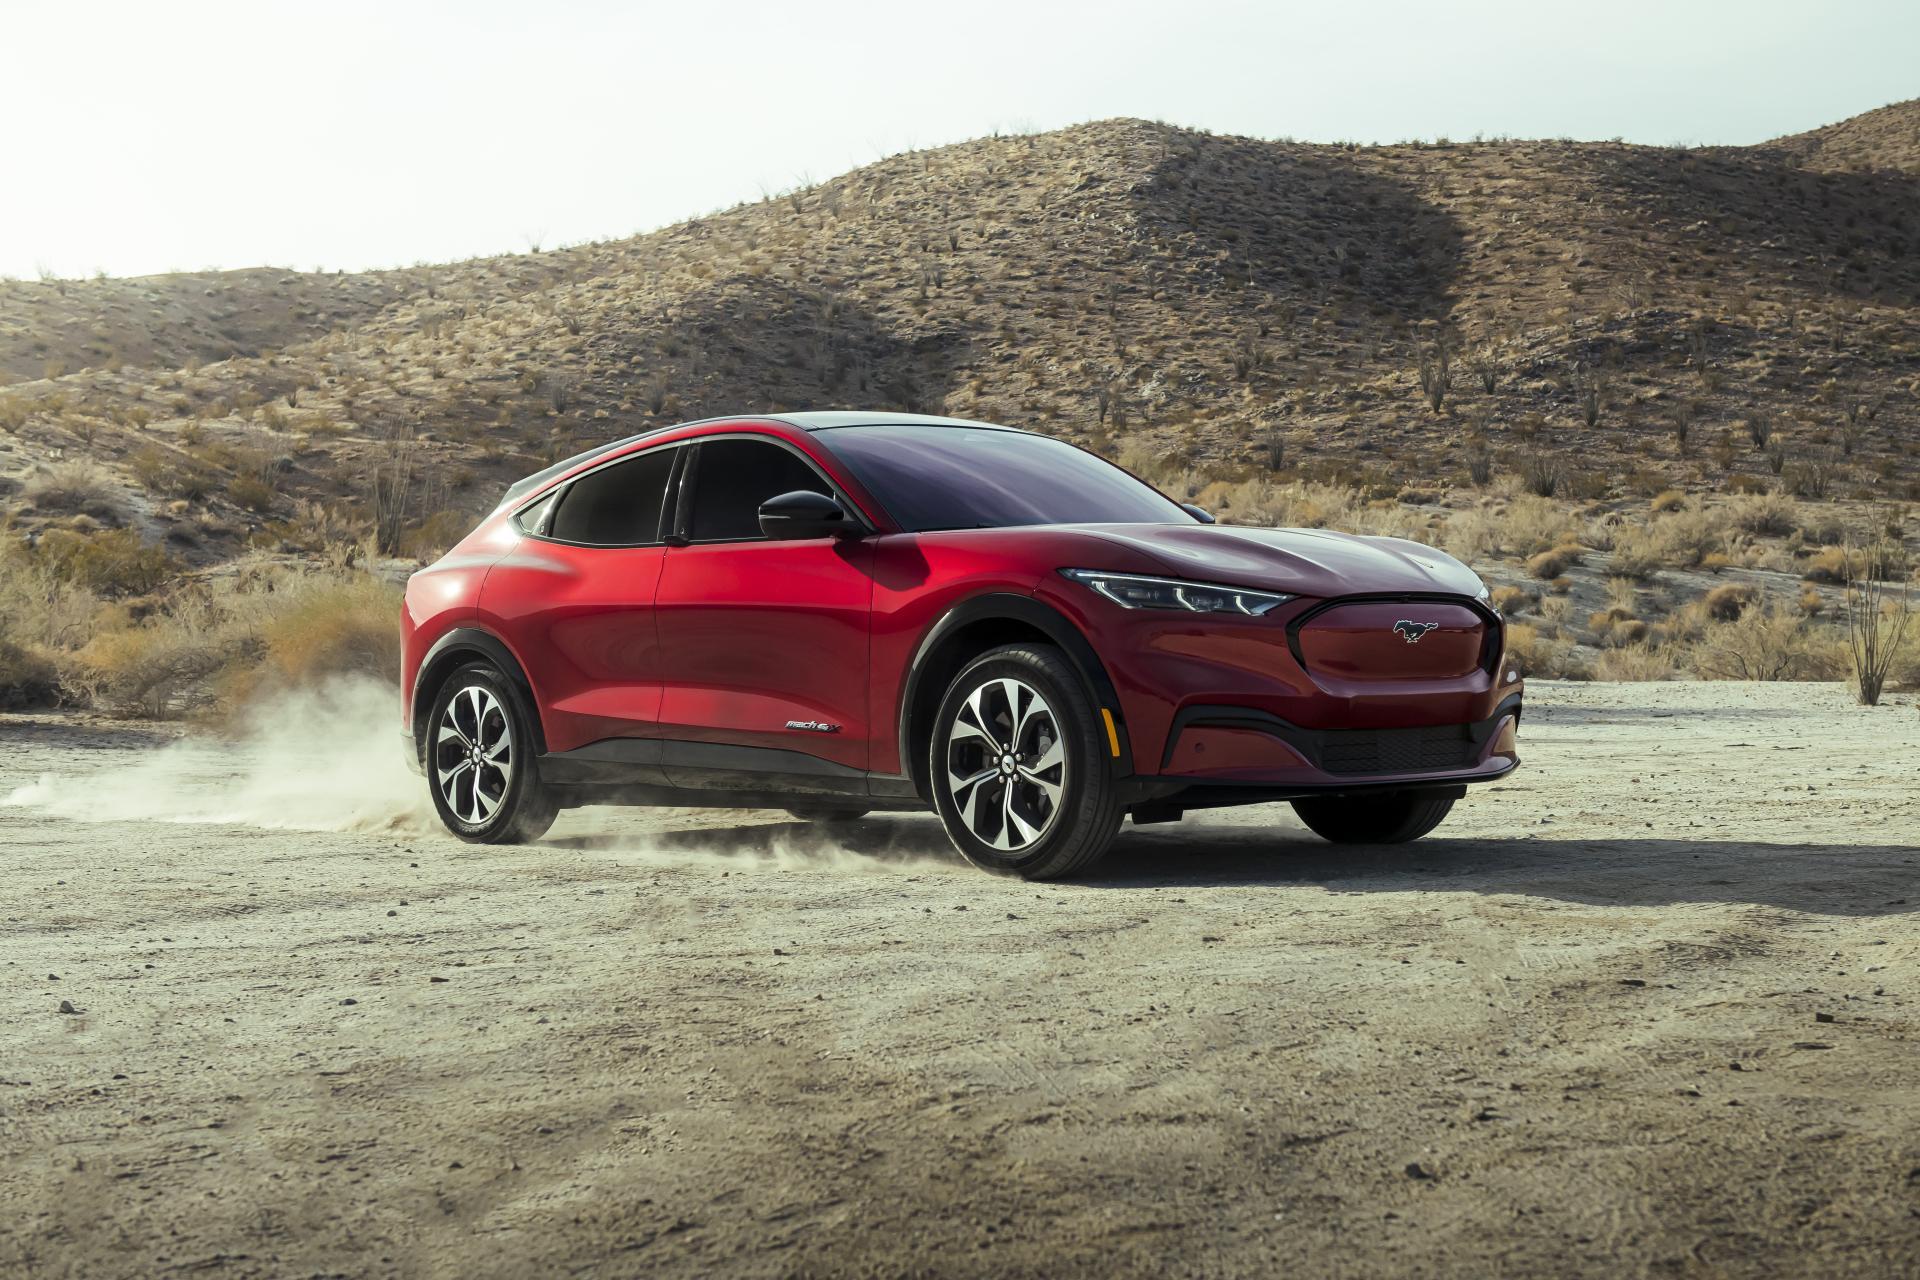 Ford Mustang Mach-E Auslieferung verzögert - zusätzliche Qualitätsprüfung